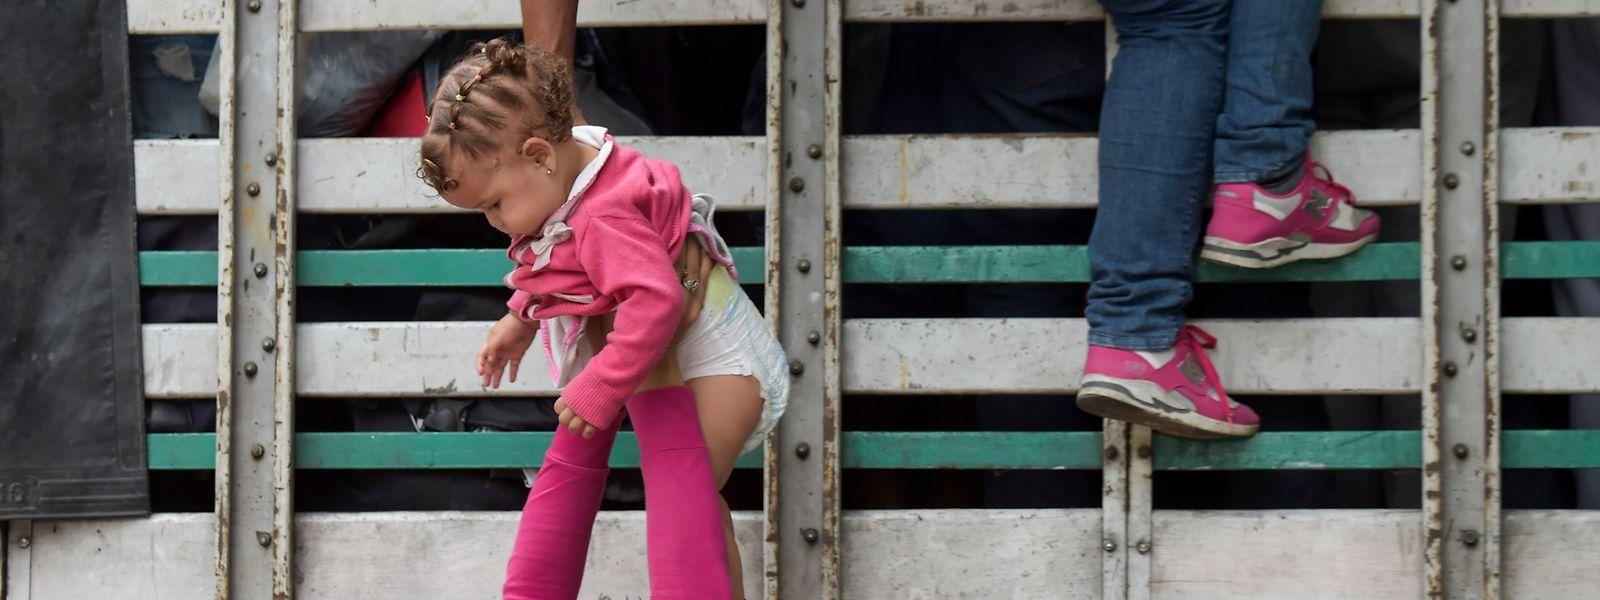 Zahlreiche Venezolaner fliehen derzeit vor brutaler Gewalt und bitterer Armut in die umliegenden Nachbarländer.